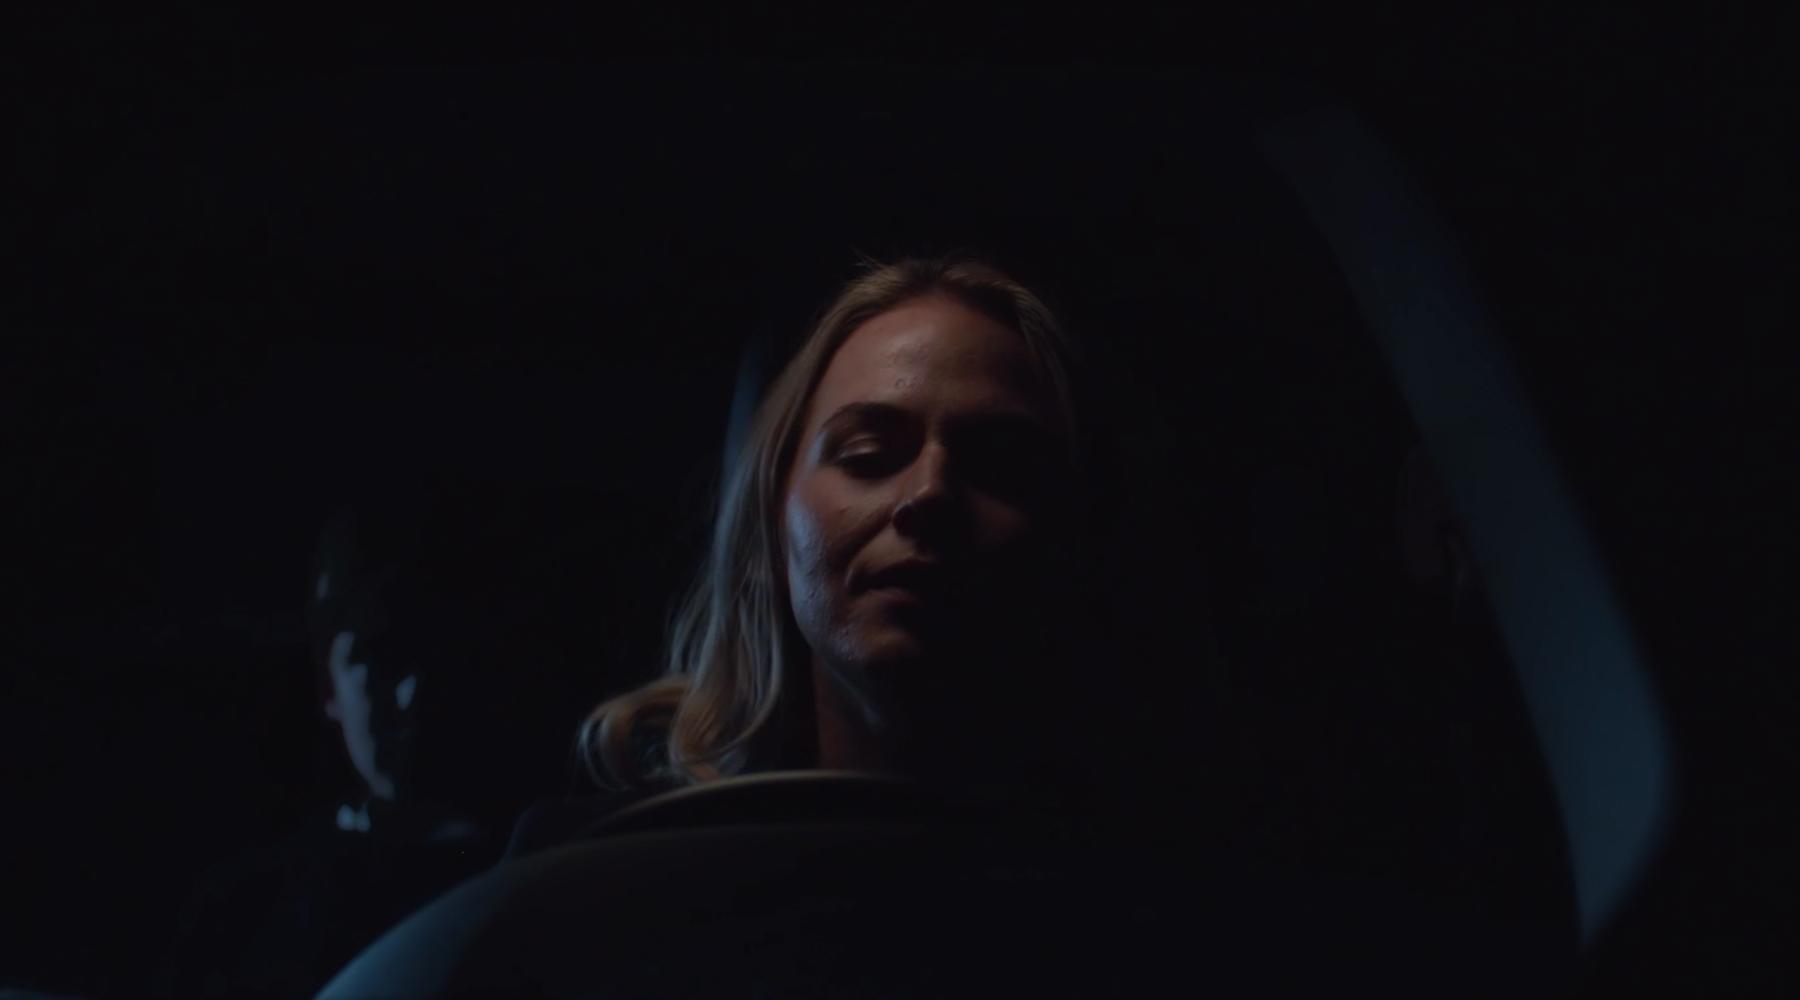 Interior Lighting for Horror Film - Car Scene